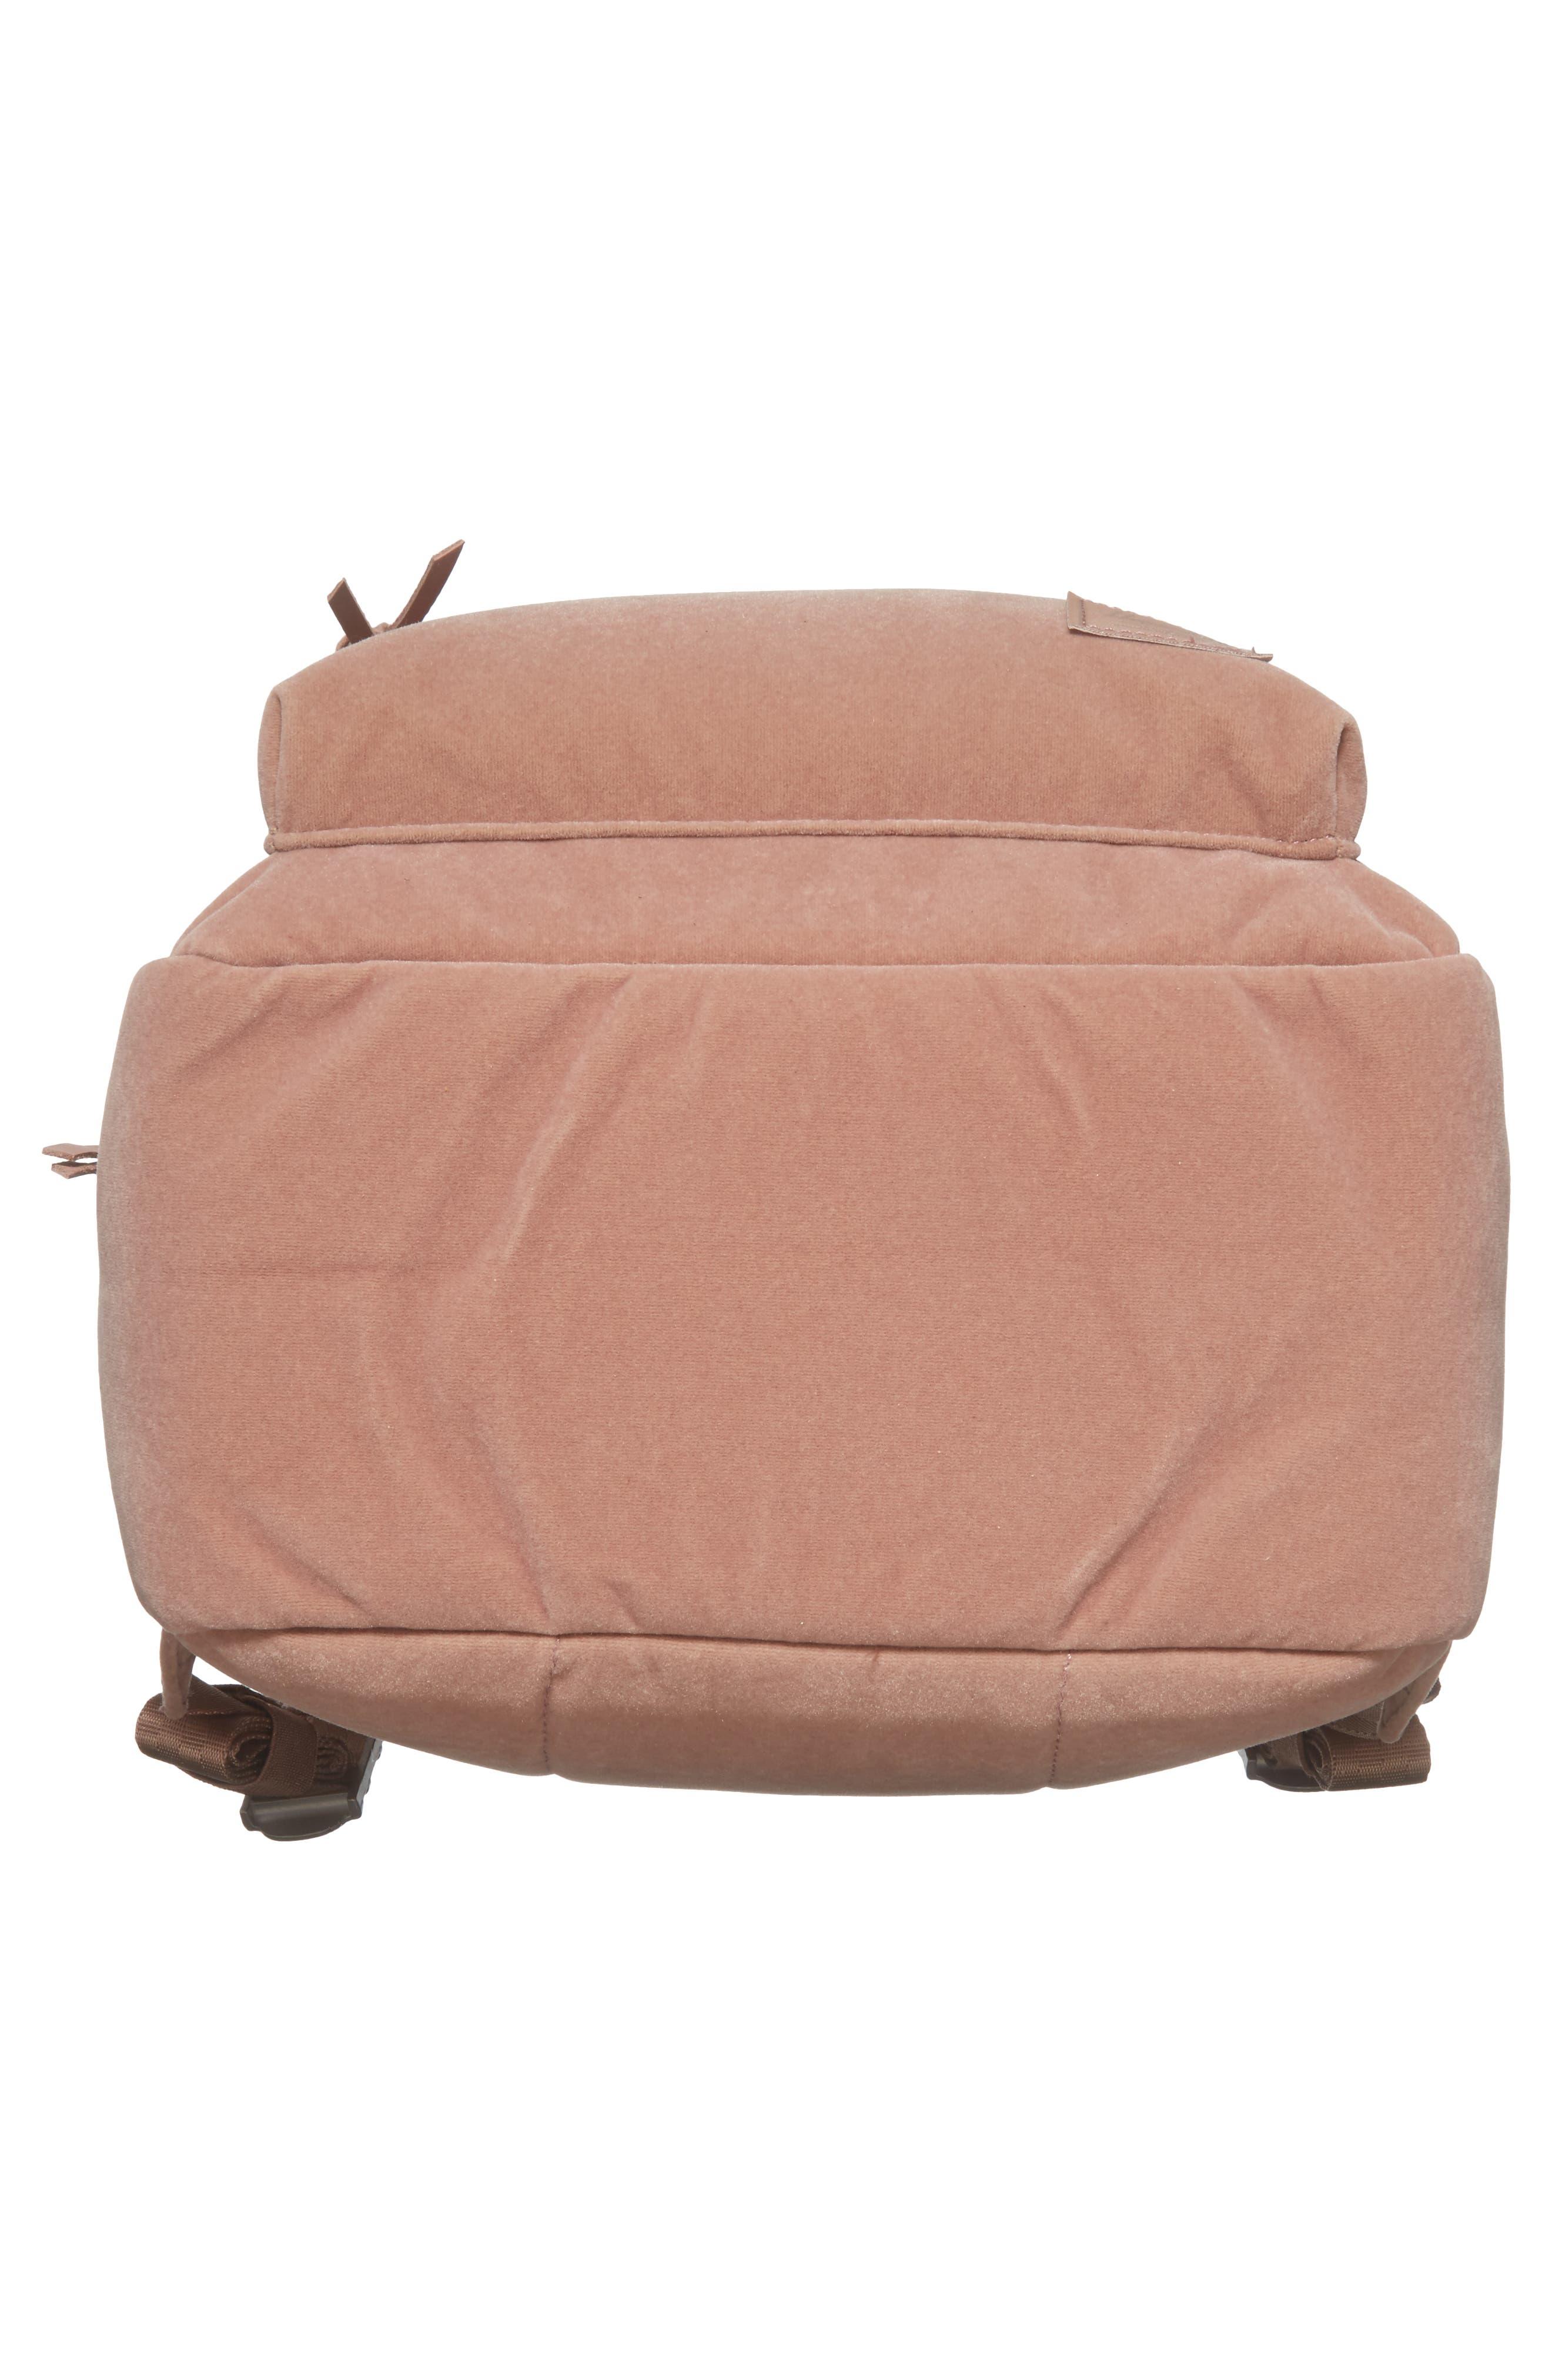 X-Small Velvet Grove Backpack,                             Alternate thumbnail 6, color,                             Ash Rose